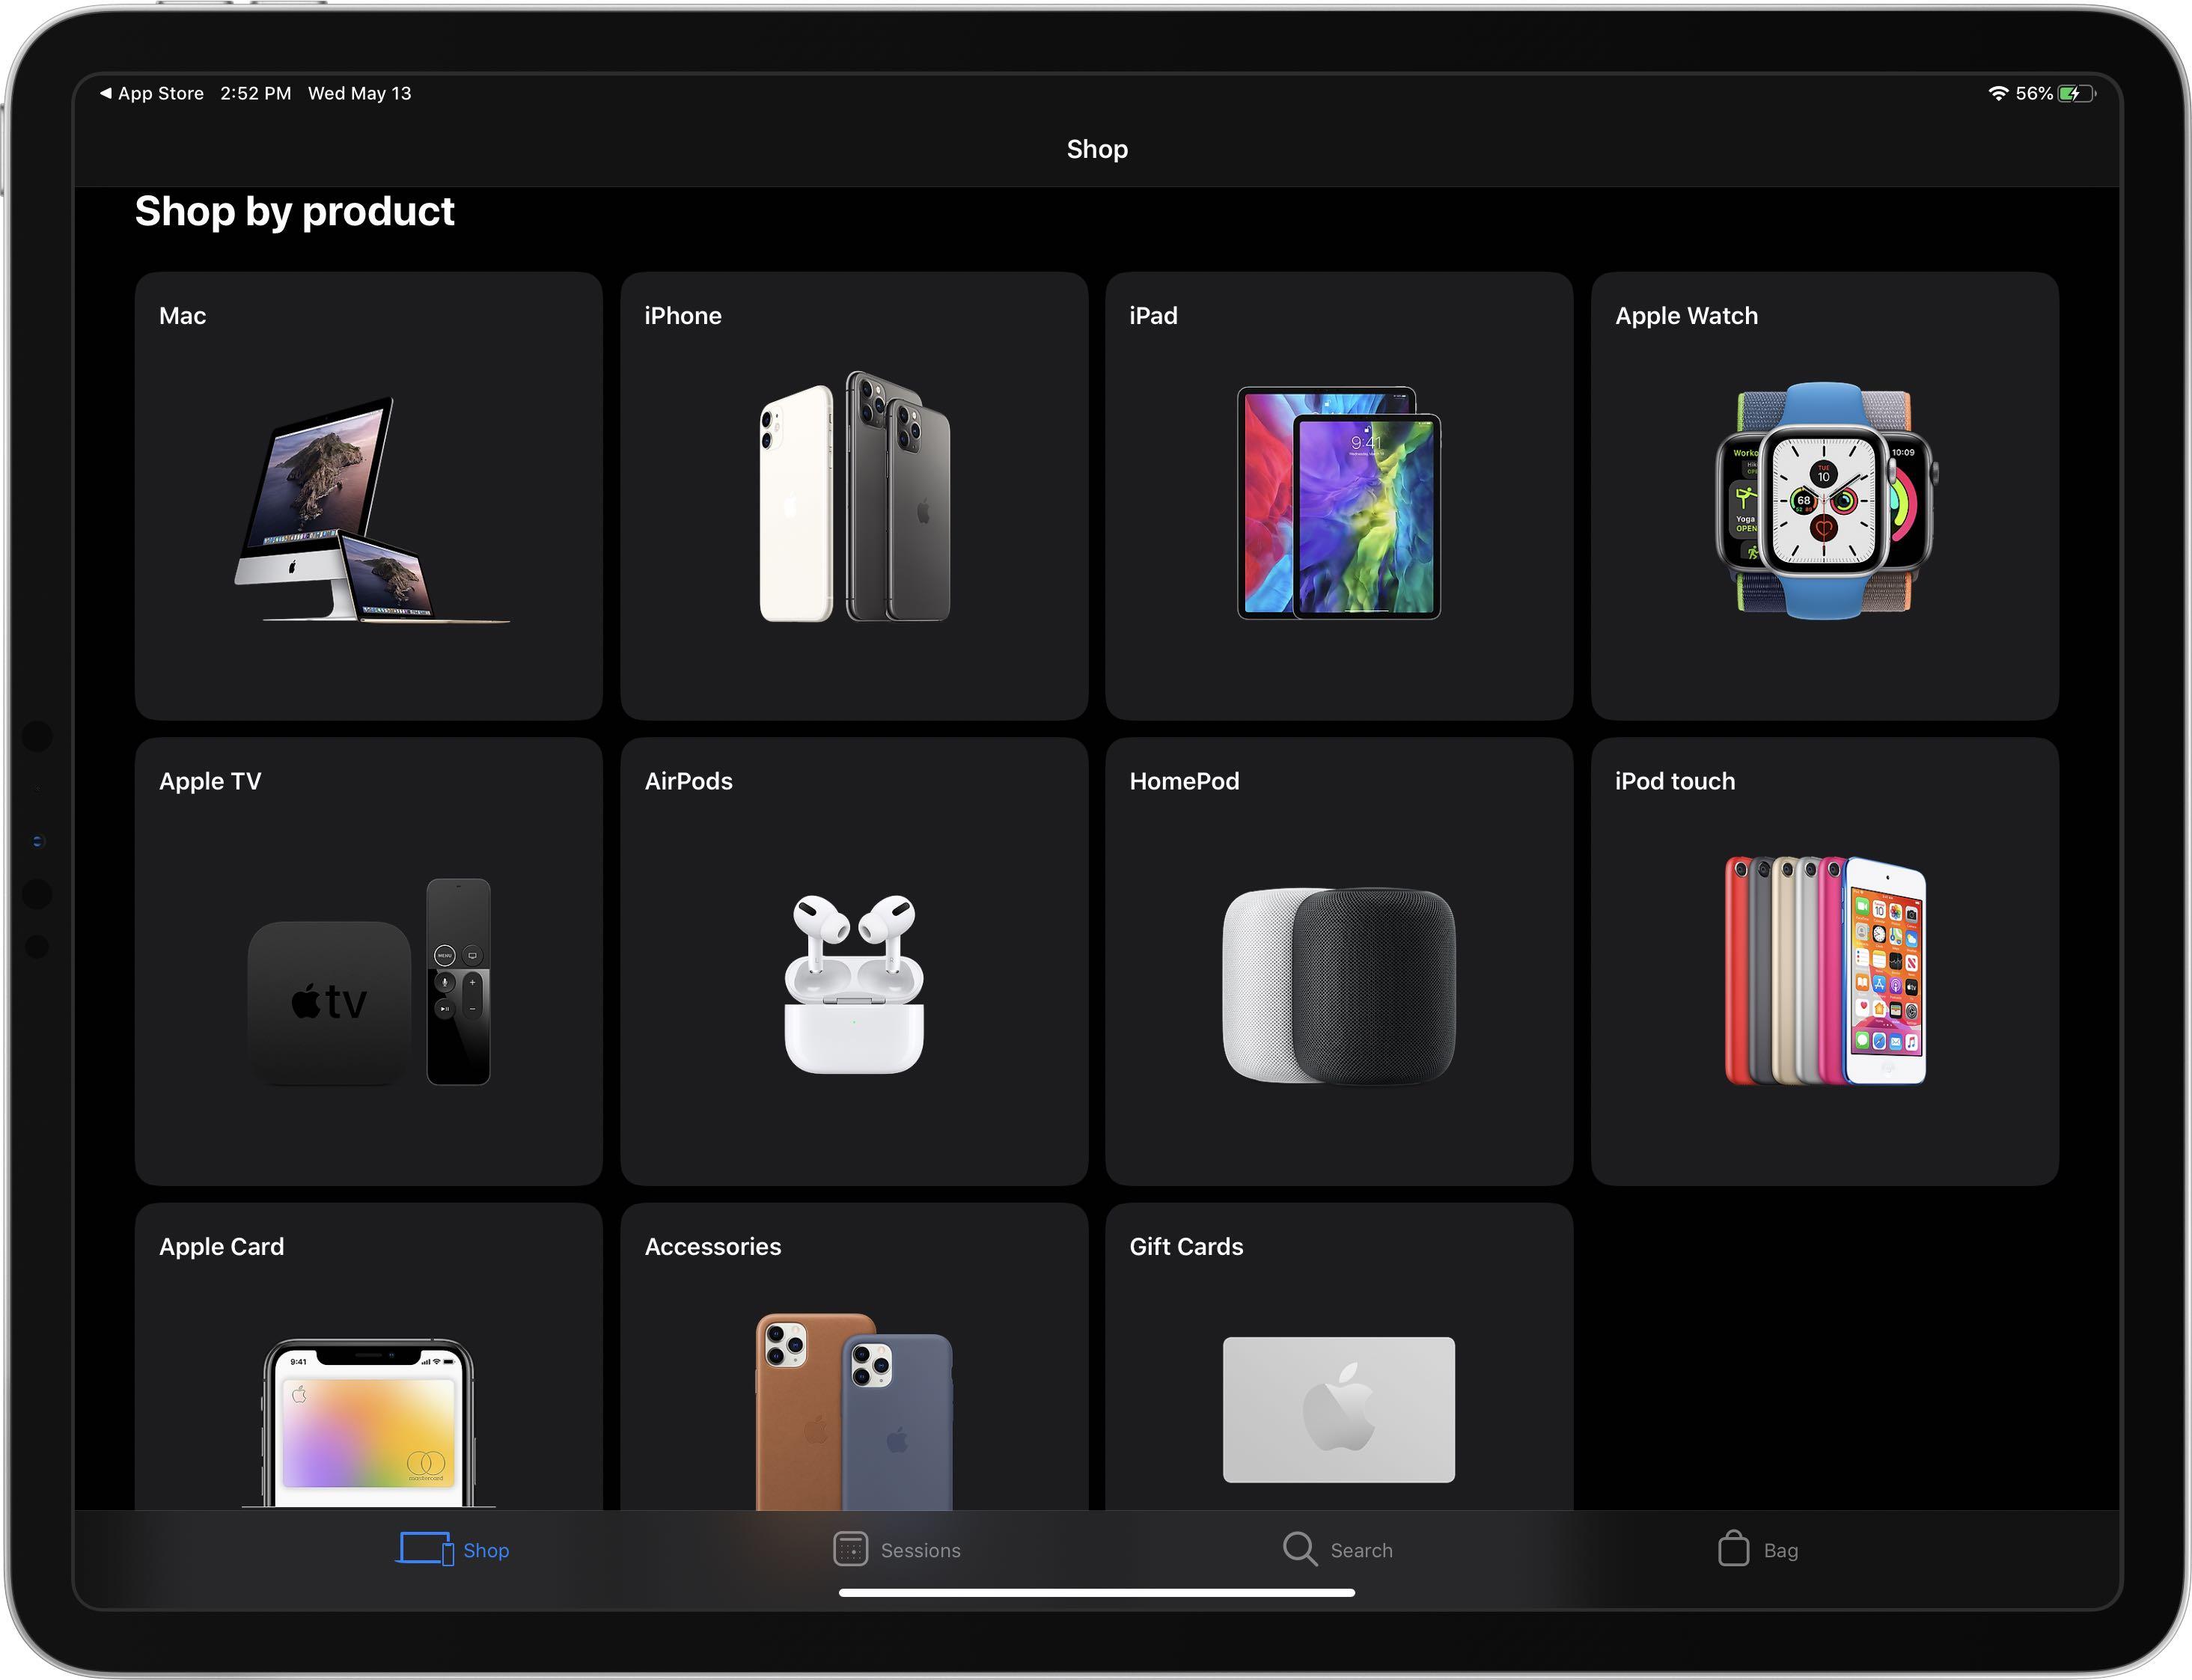 Memur Apple Mağaza uygulaması Dark Mode 1 desteğine sahip